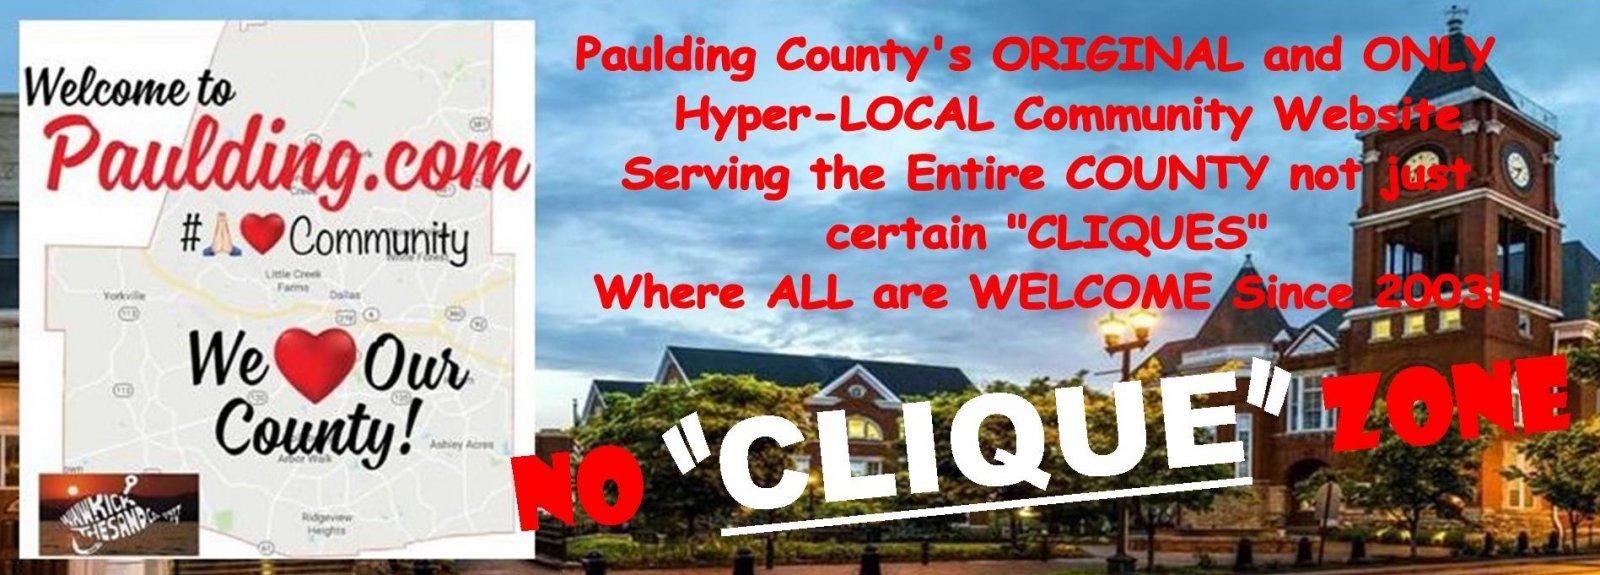 Please visit Paulding.com